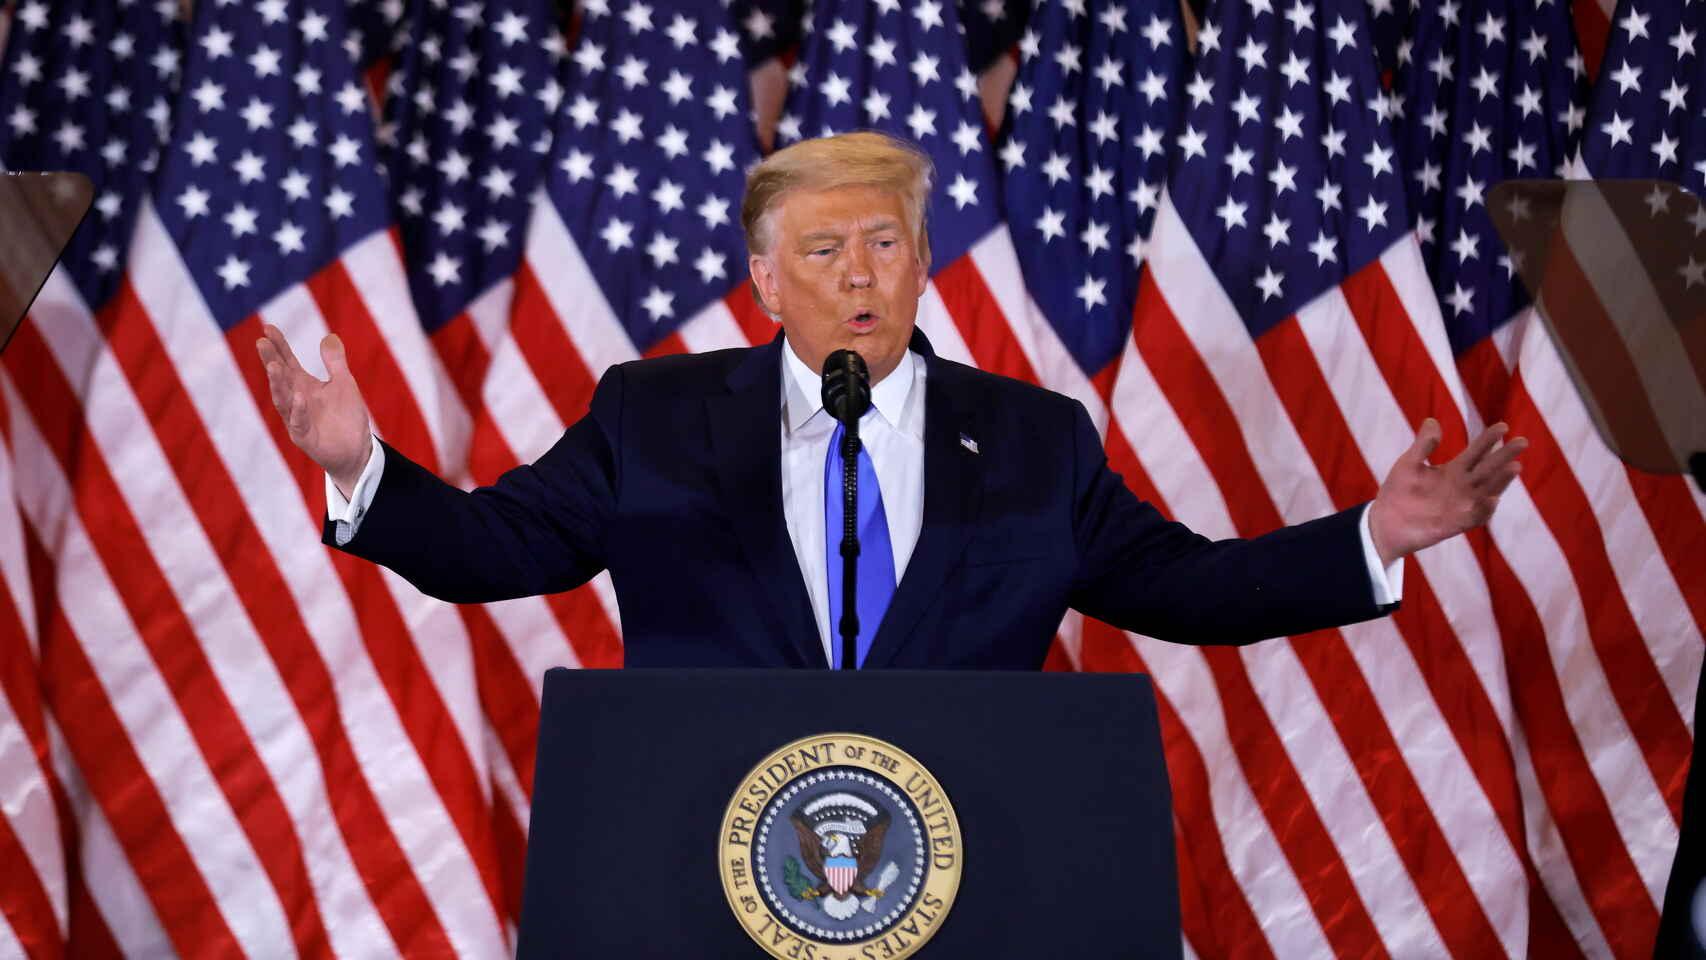 Donald Trump, elecciones, fraude, EEUU, Presidencia, Washington